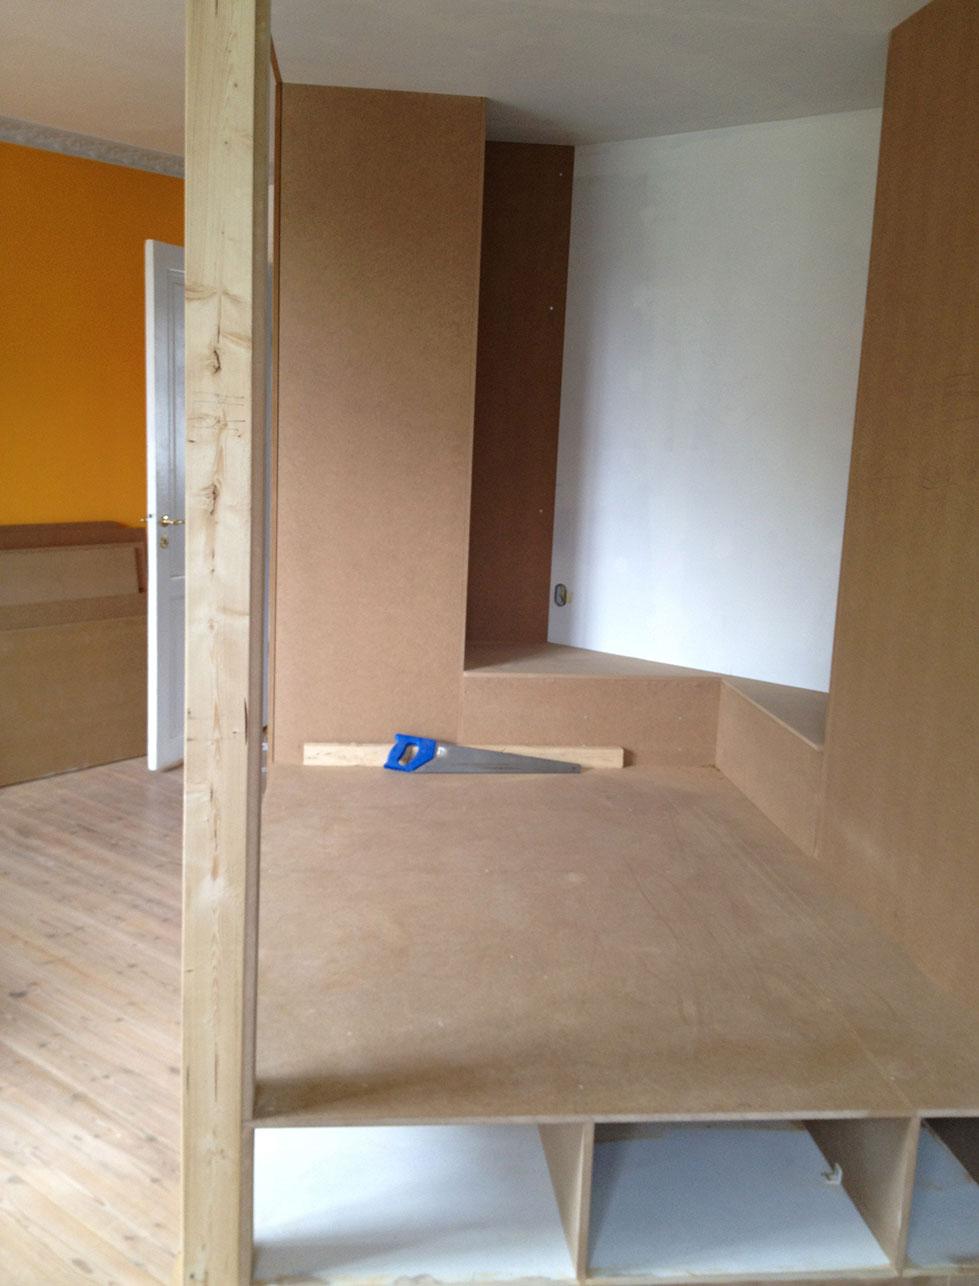 Sengeplads med opbevaring i det nye rum